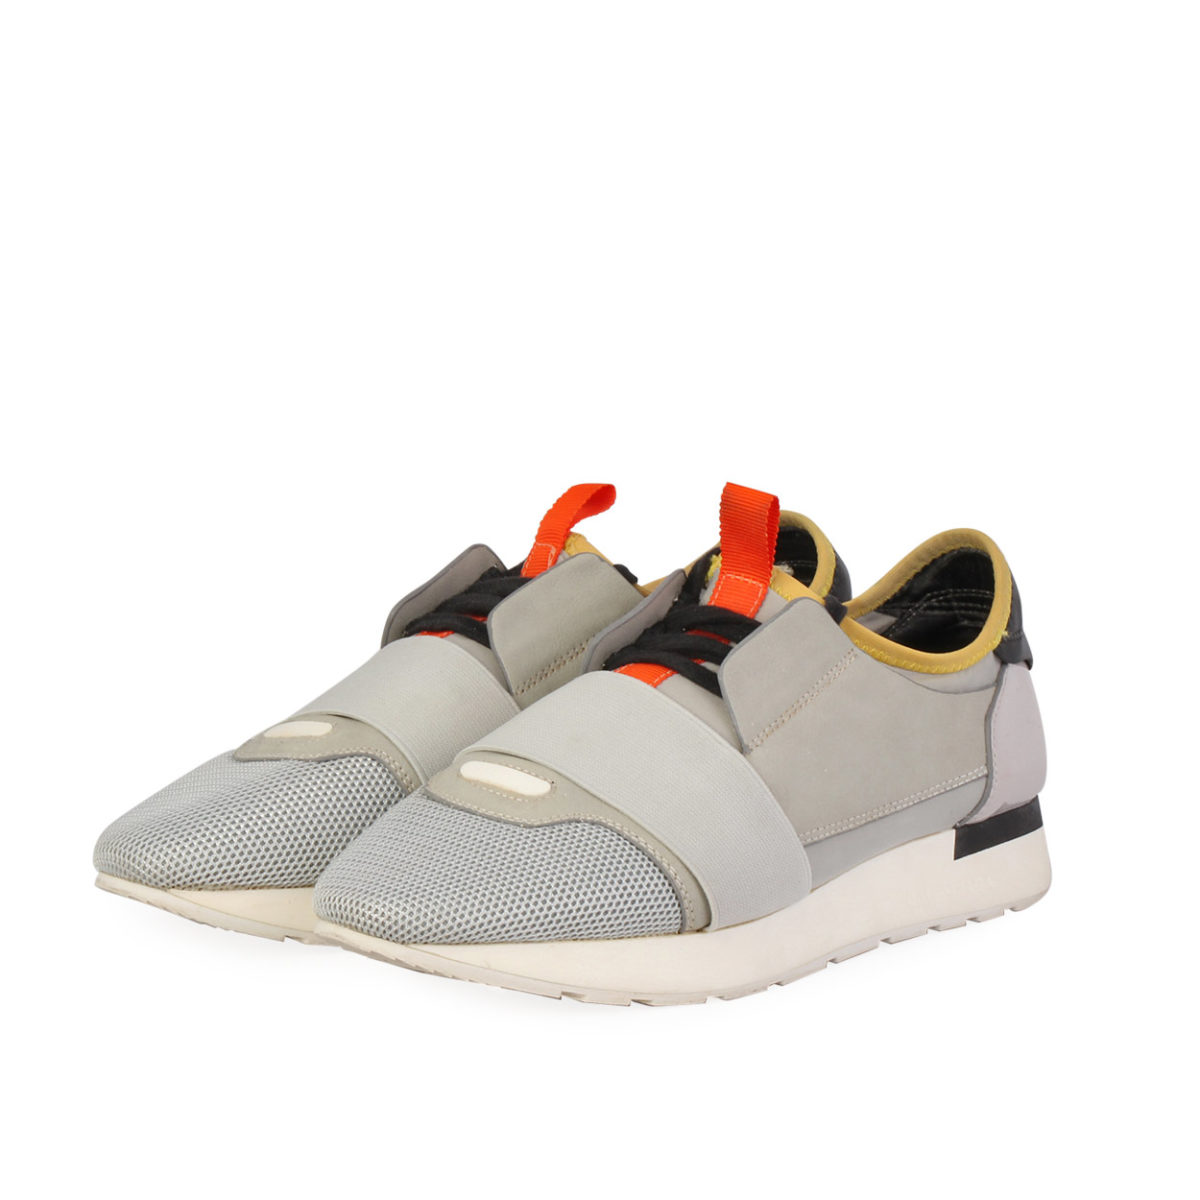 bc2697d98e4de BALENCIAGA Race Runners Sneakers Grey - S  37 (4)